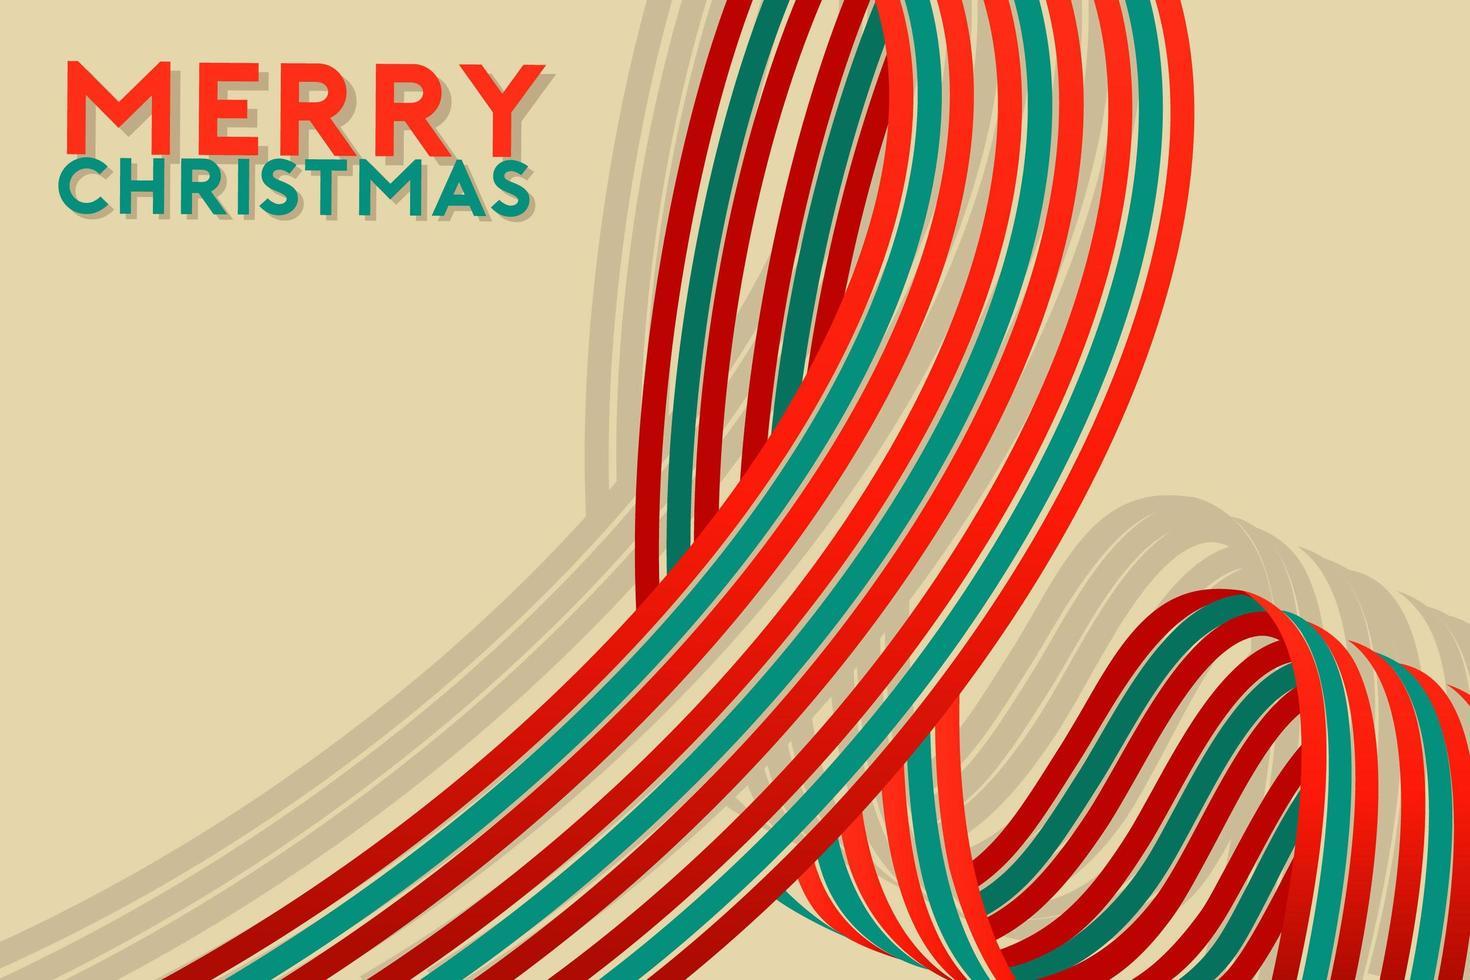 Weihnachten und Neujahr mit grünem und weißem Band vektor